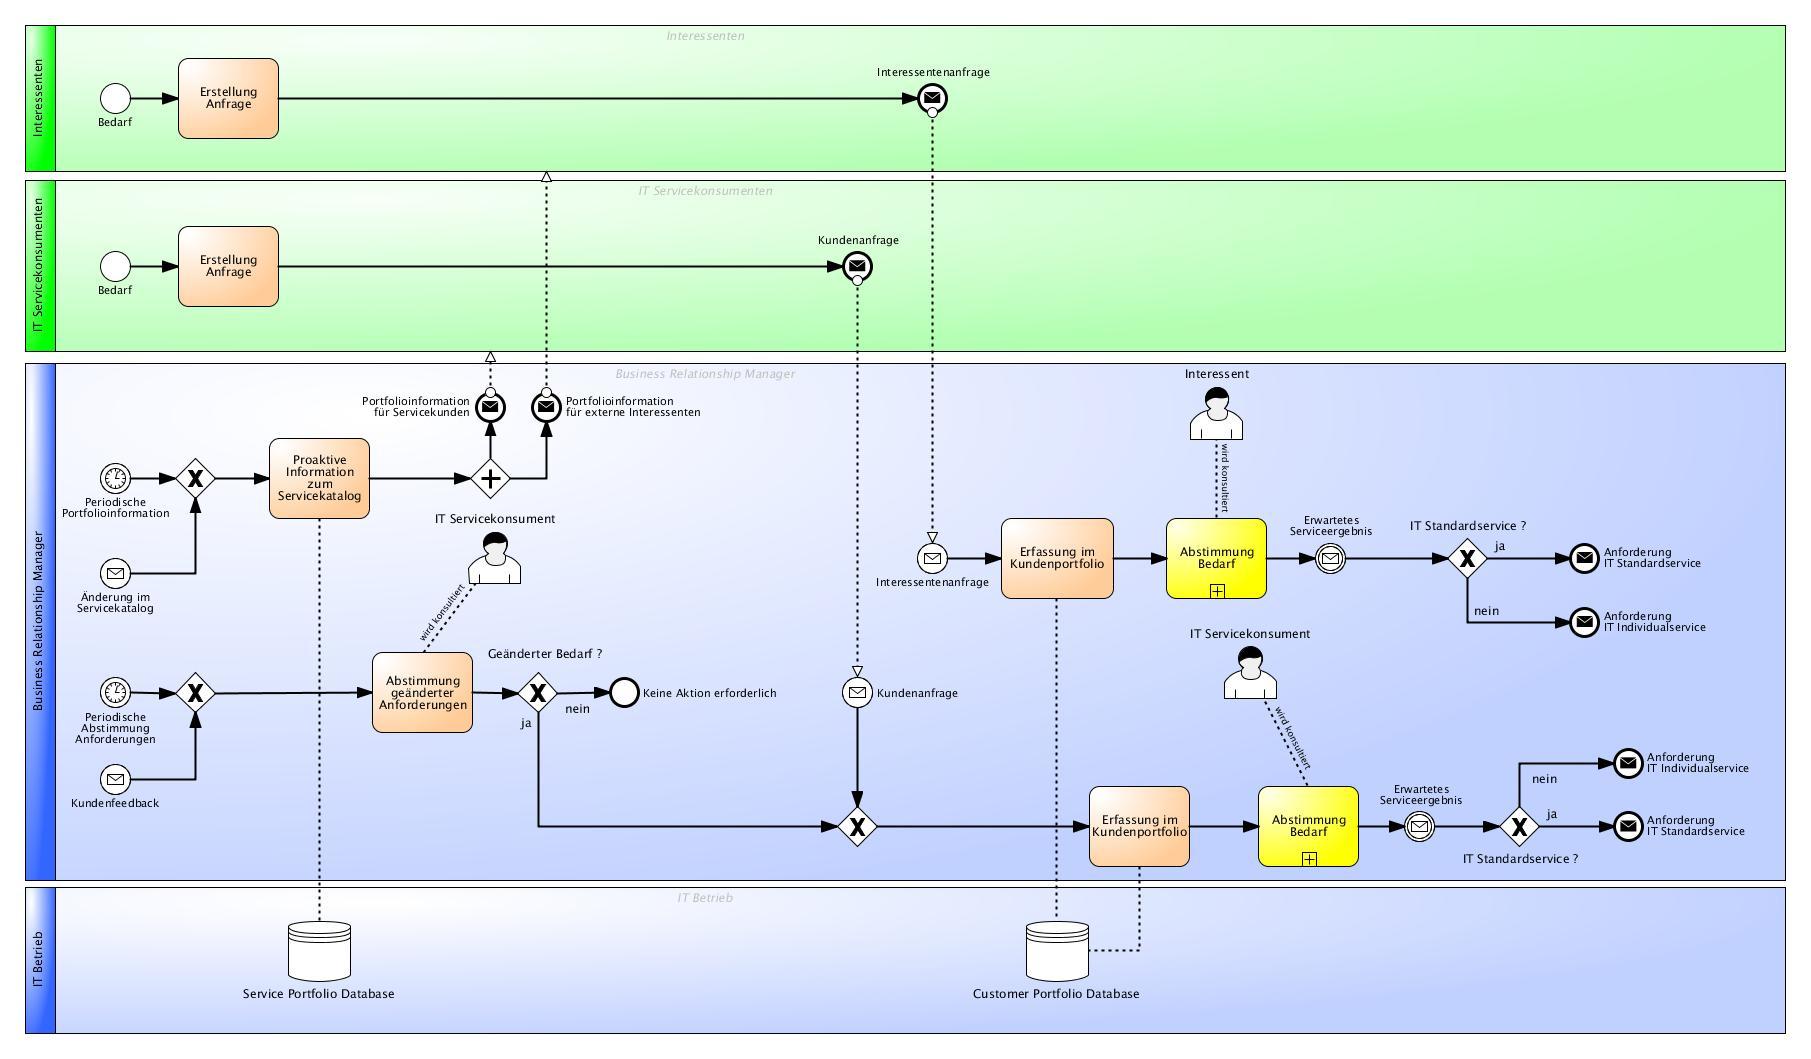 Leseprobe - Prozessdokumentation der Service Strategy gemäß ITIL® 2011